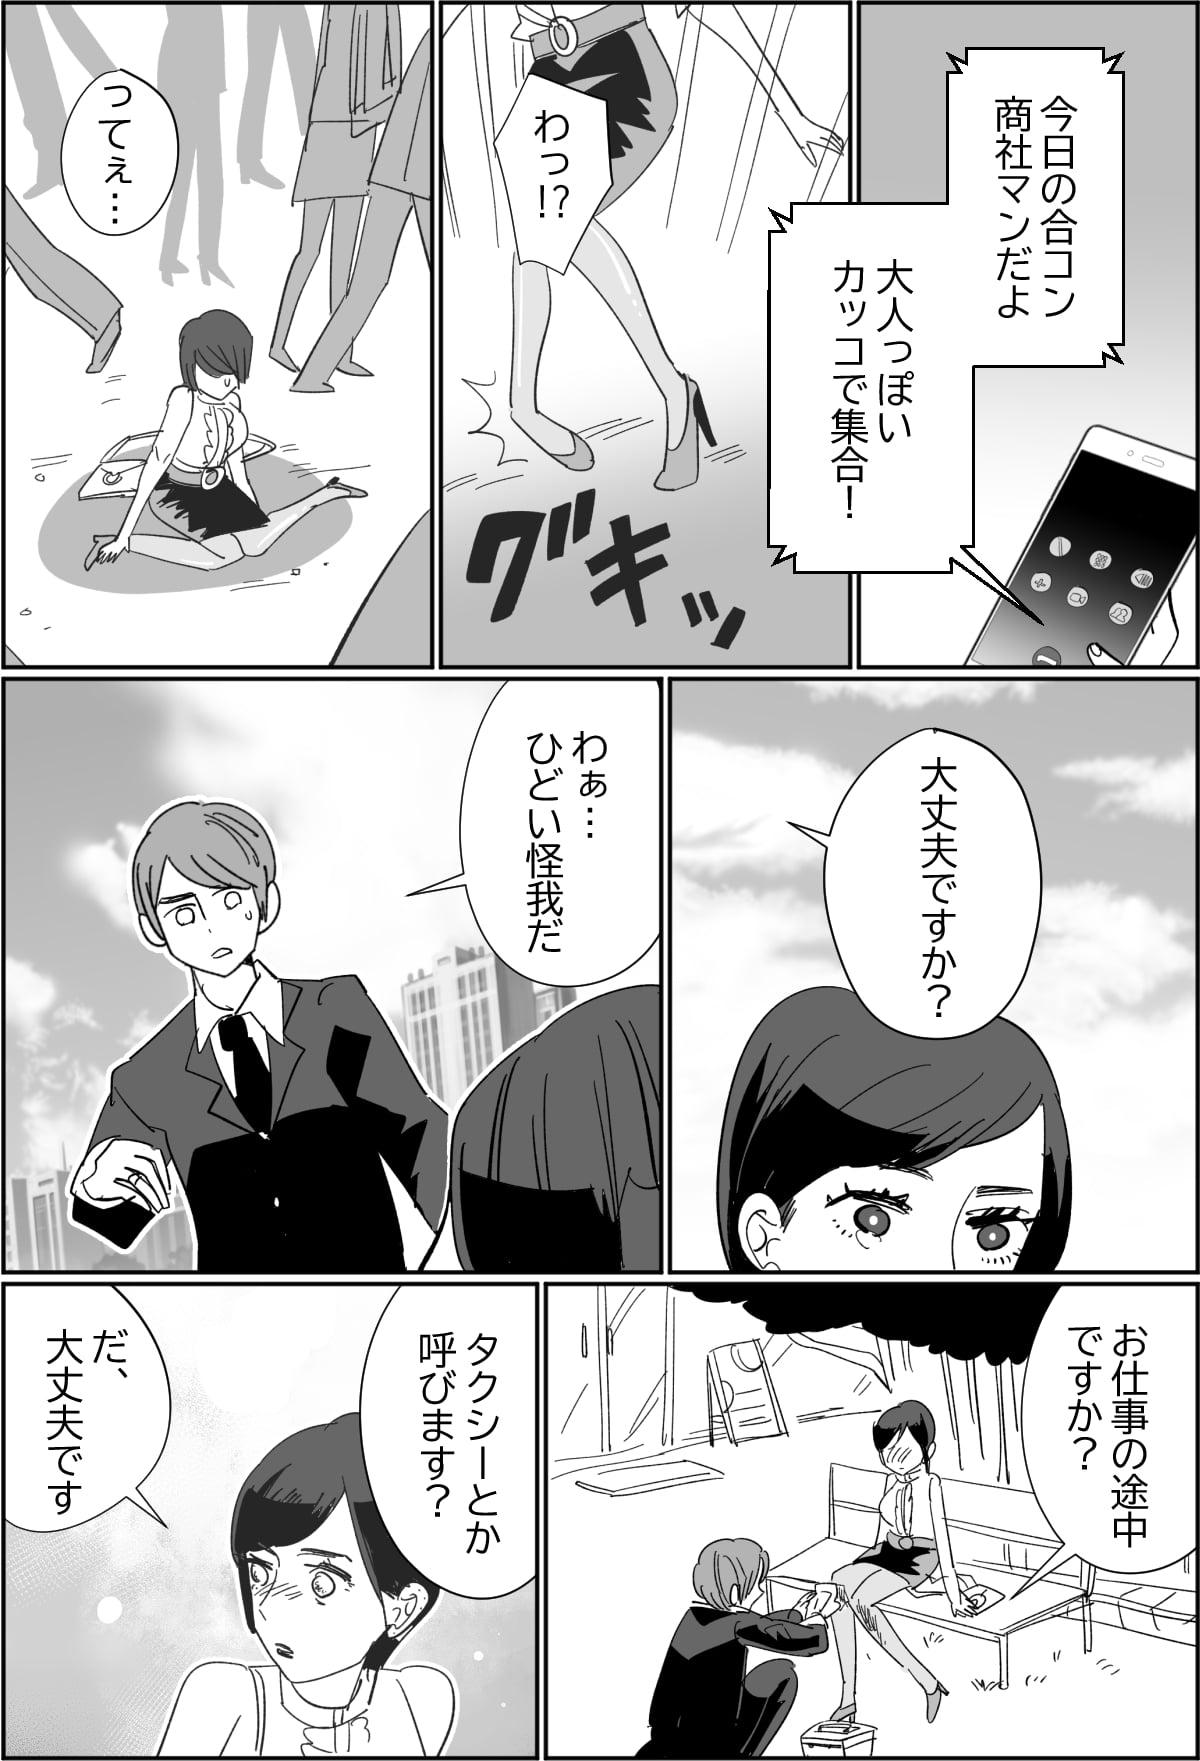 【第8話:倫子SIDE】夫が浮気相手を妊娠させた!?男性不妊のはずなのに…。